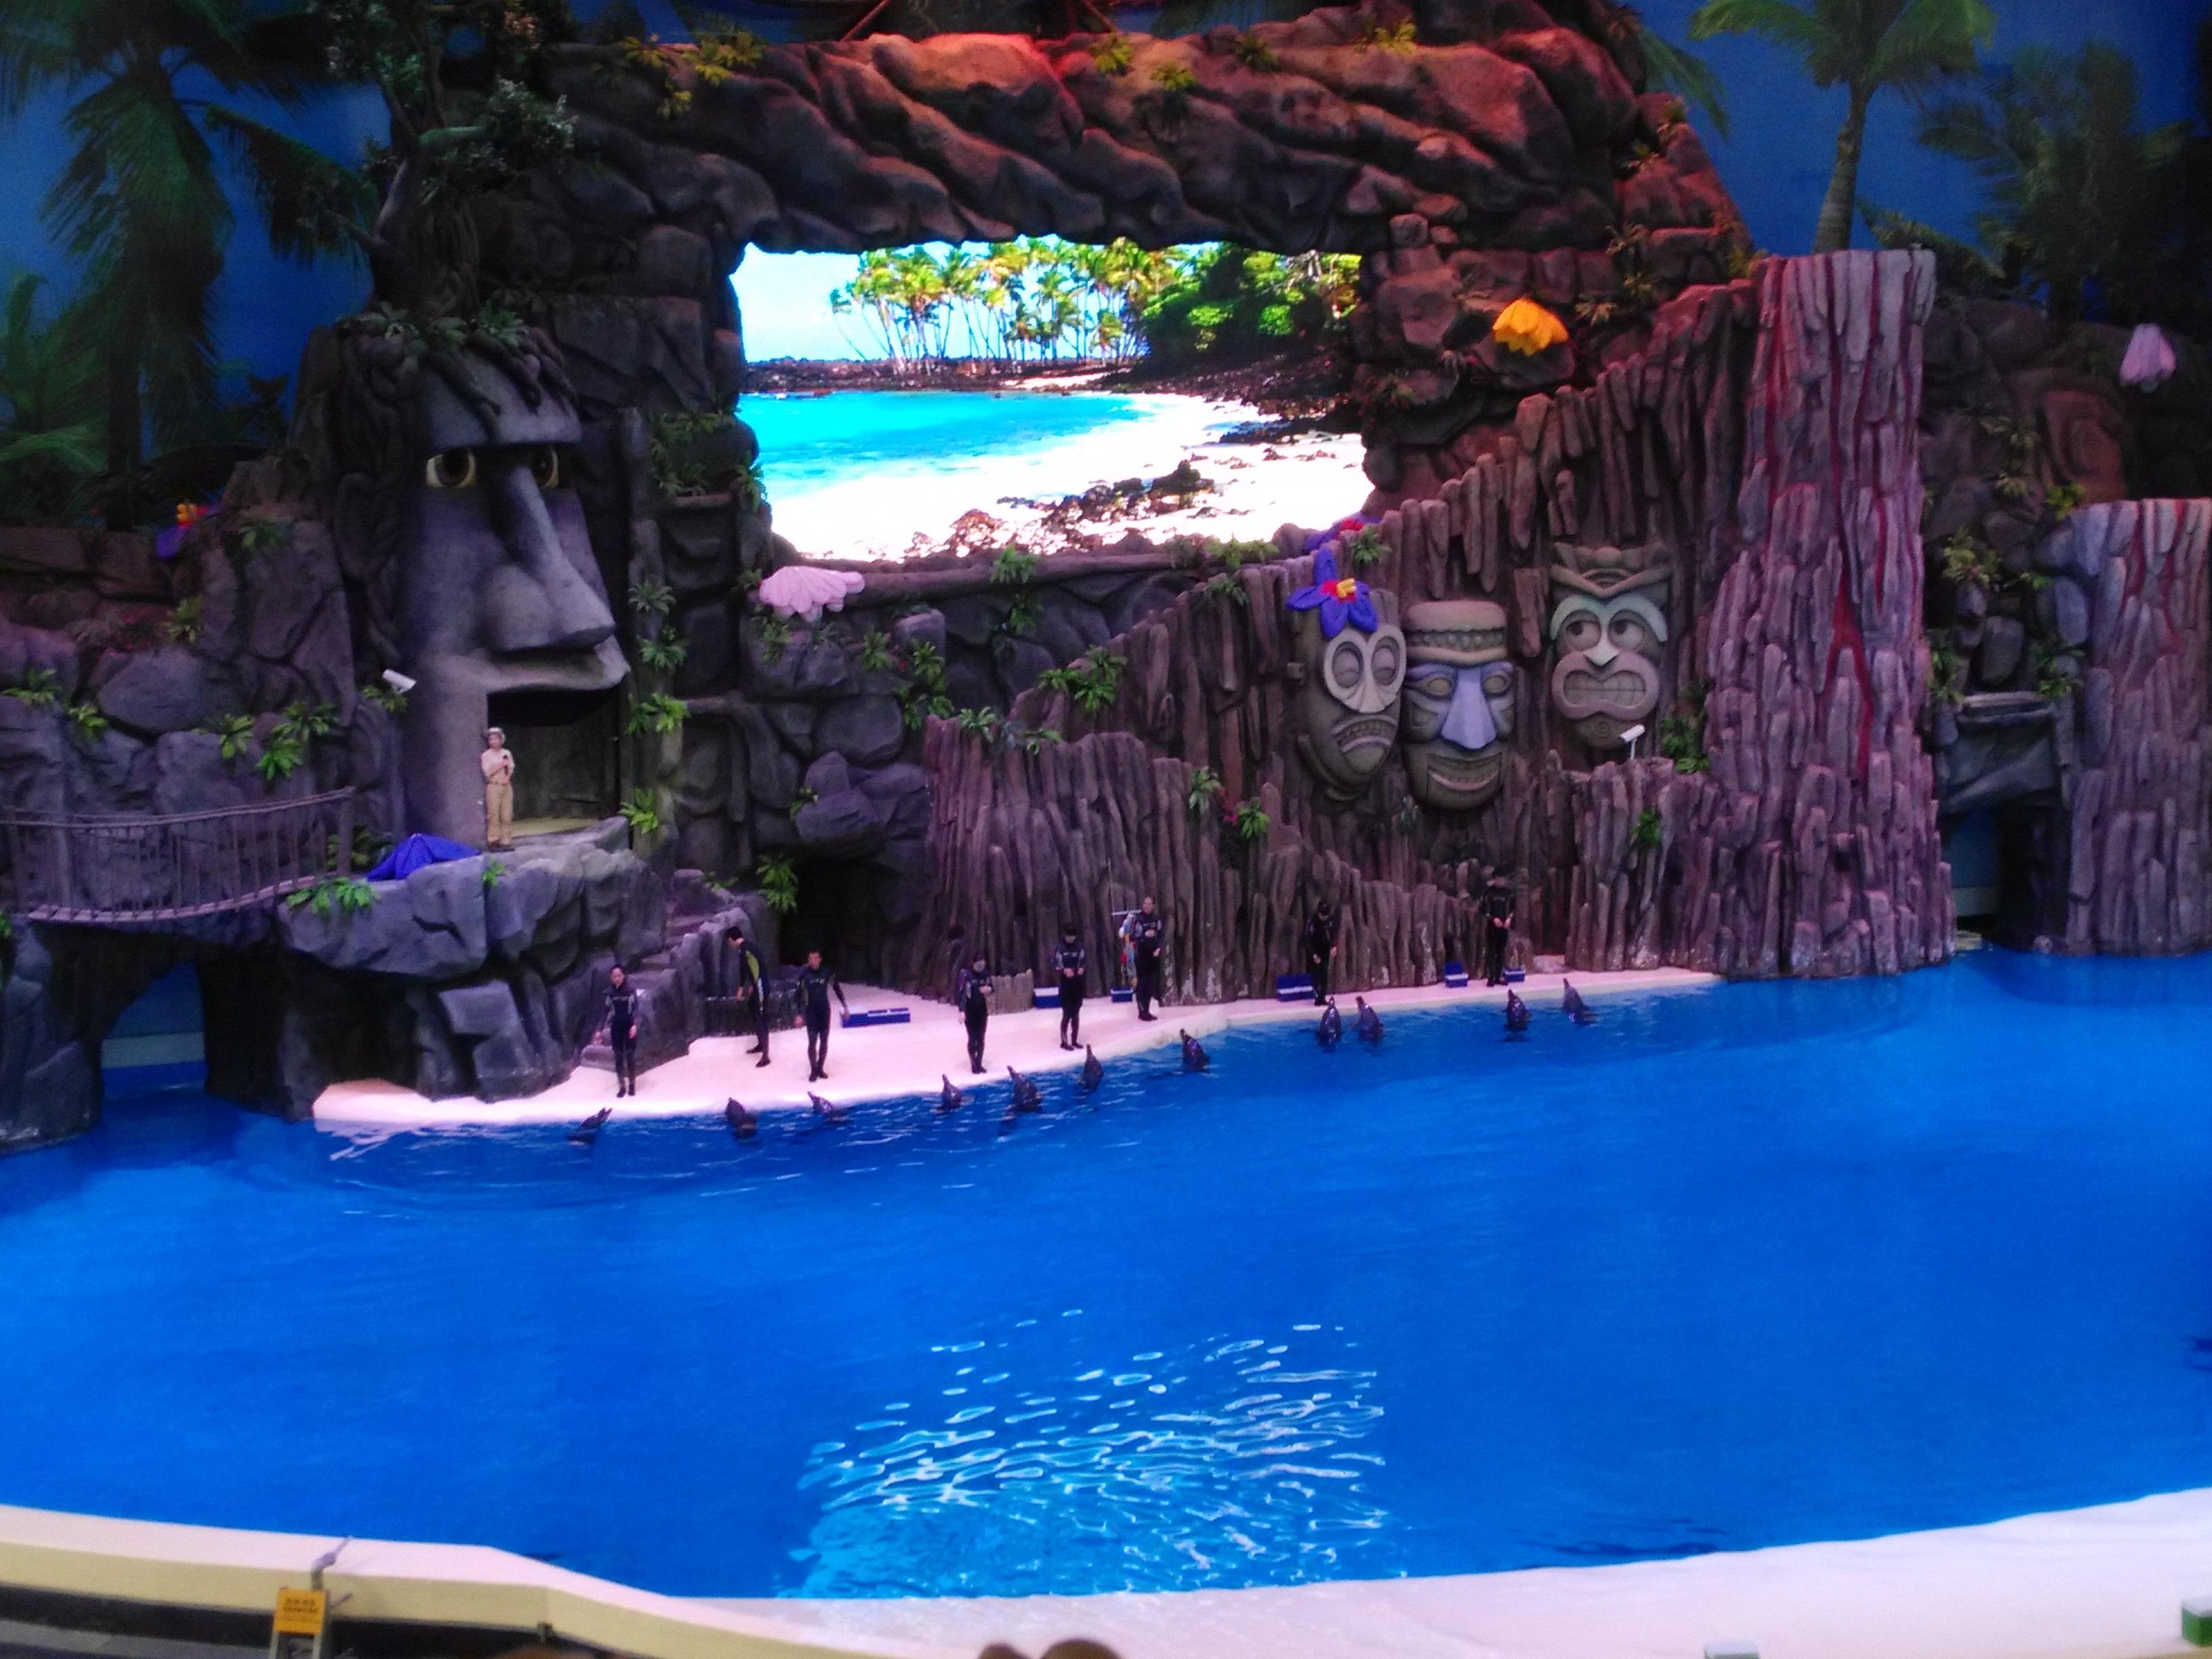 是全球较大的海洋动物主题公园,很多珍稀的海洋动物,各个剧场的表演都